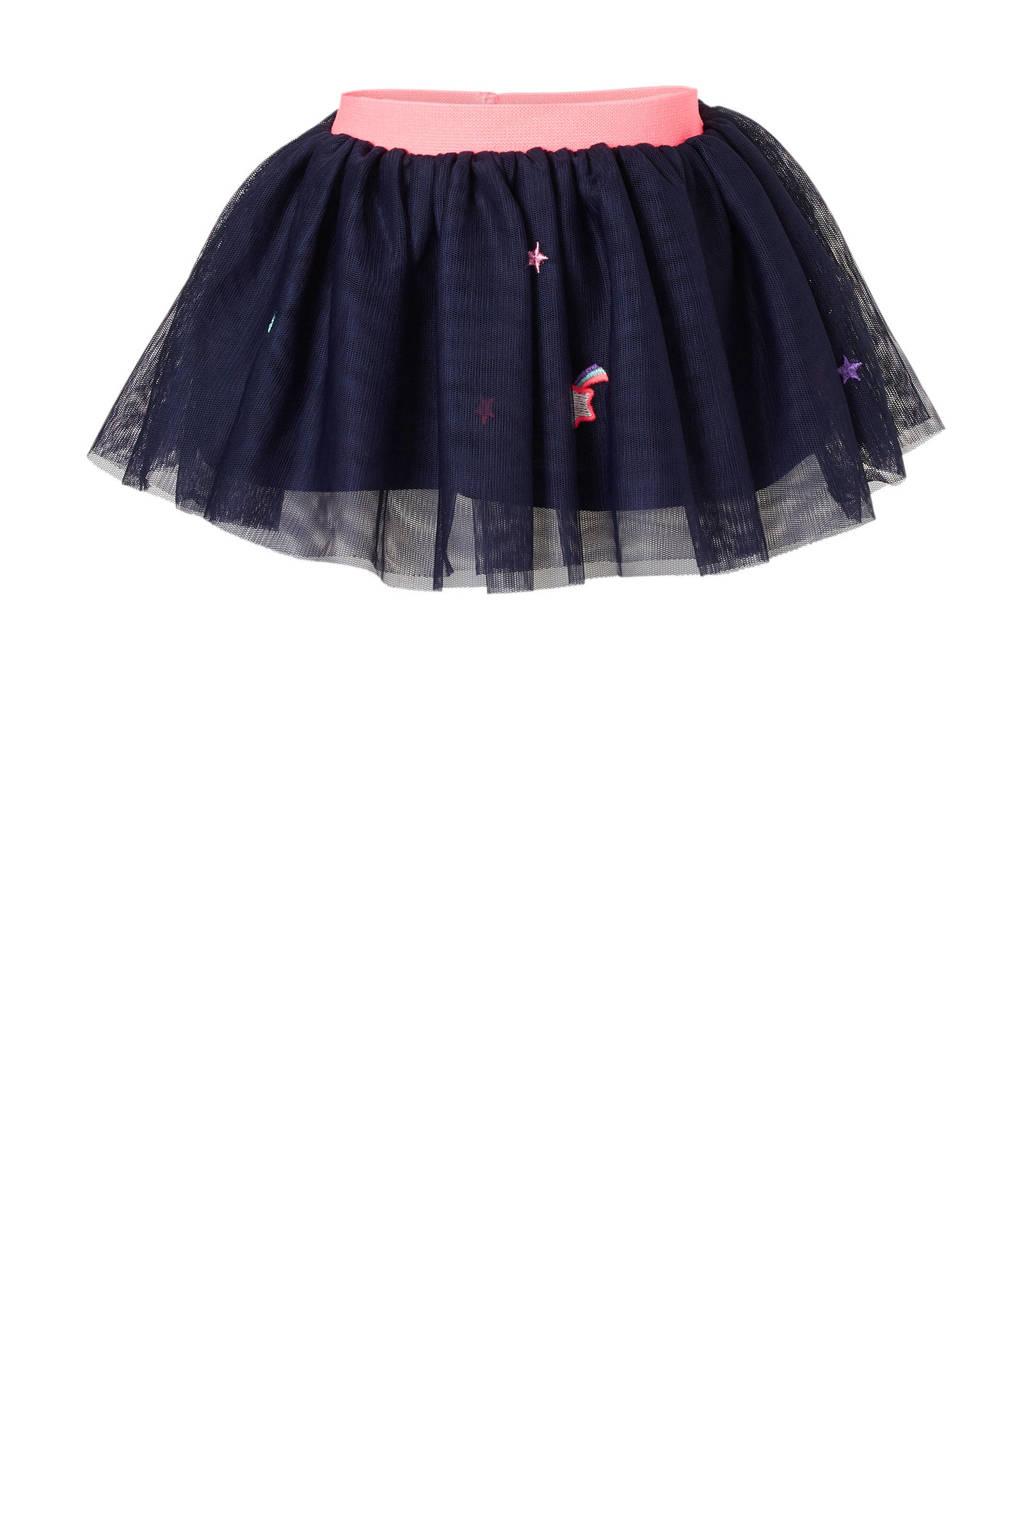 C&A Baby Club tule rok met borduursels, Donkerblauw